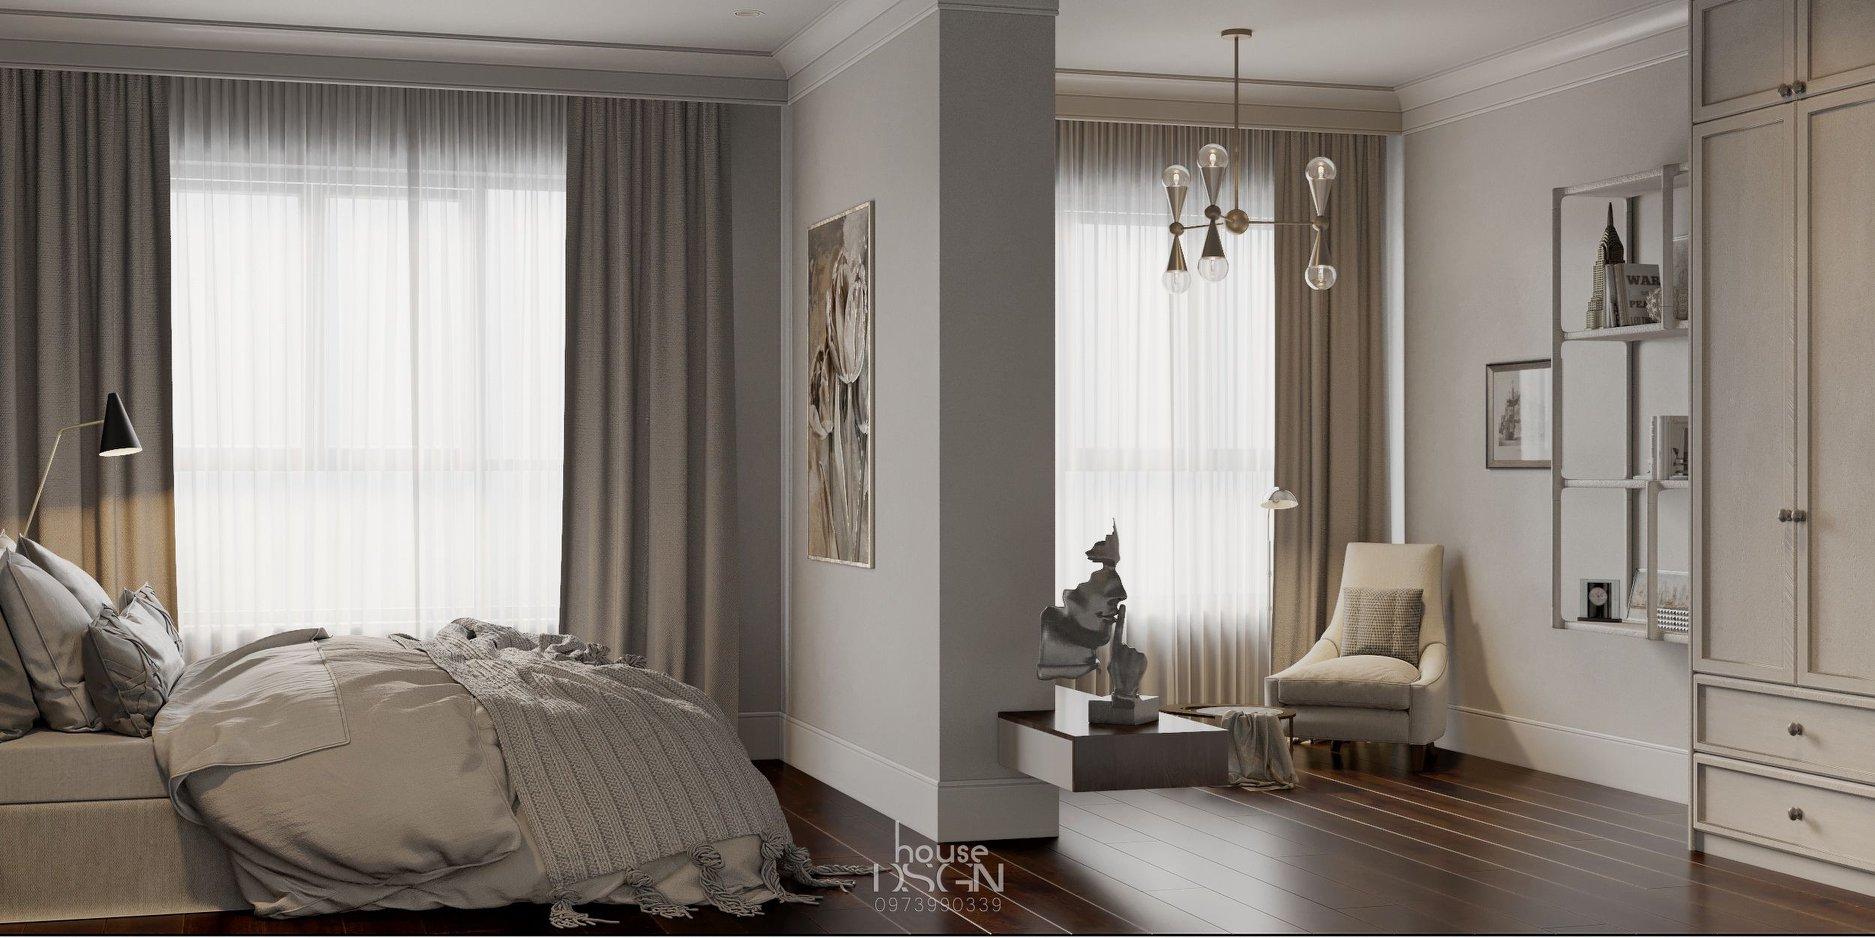 nội thất cho khách sạn - Housedesign